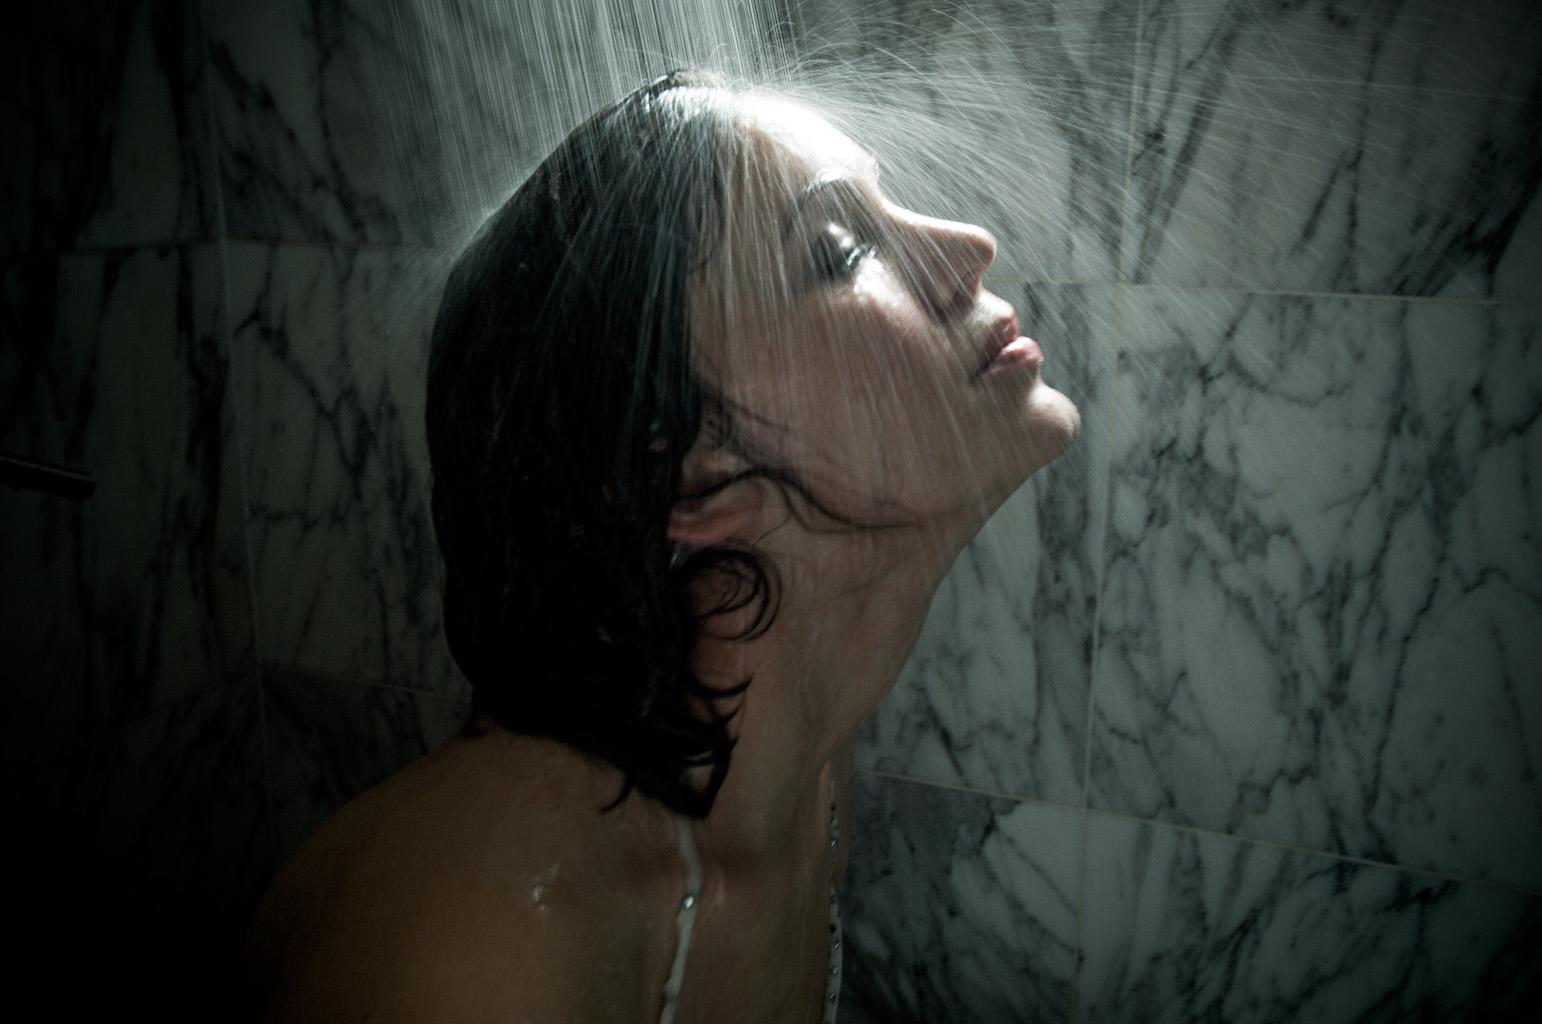 Секс девушки с душем, гиг порно в душе видео смотреть HD порно бесплатно 22 фотография